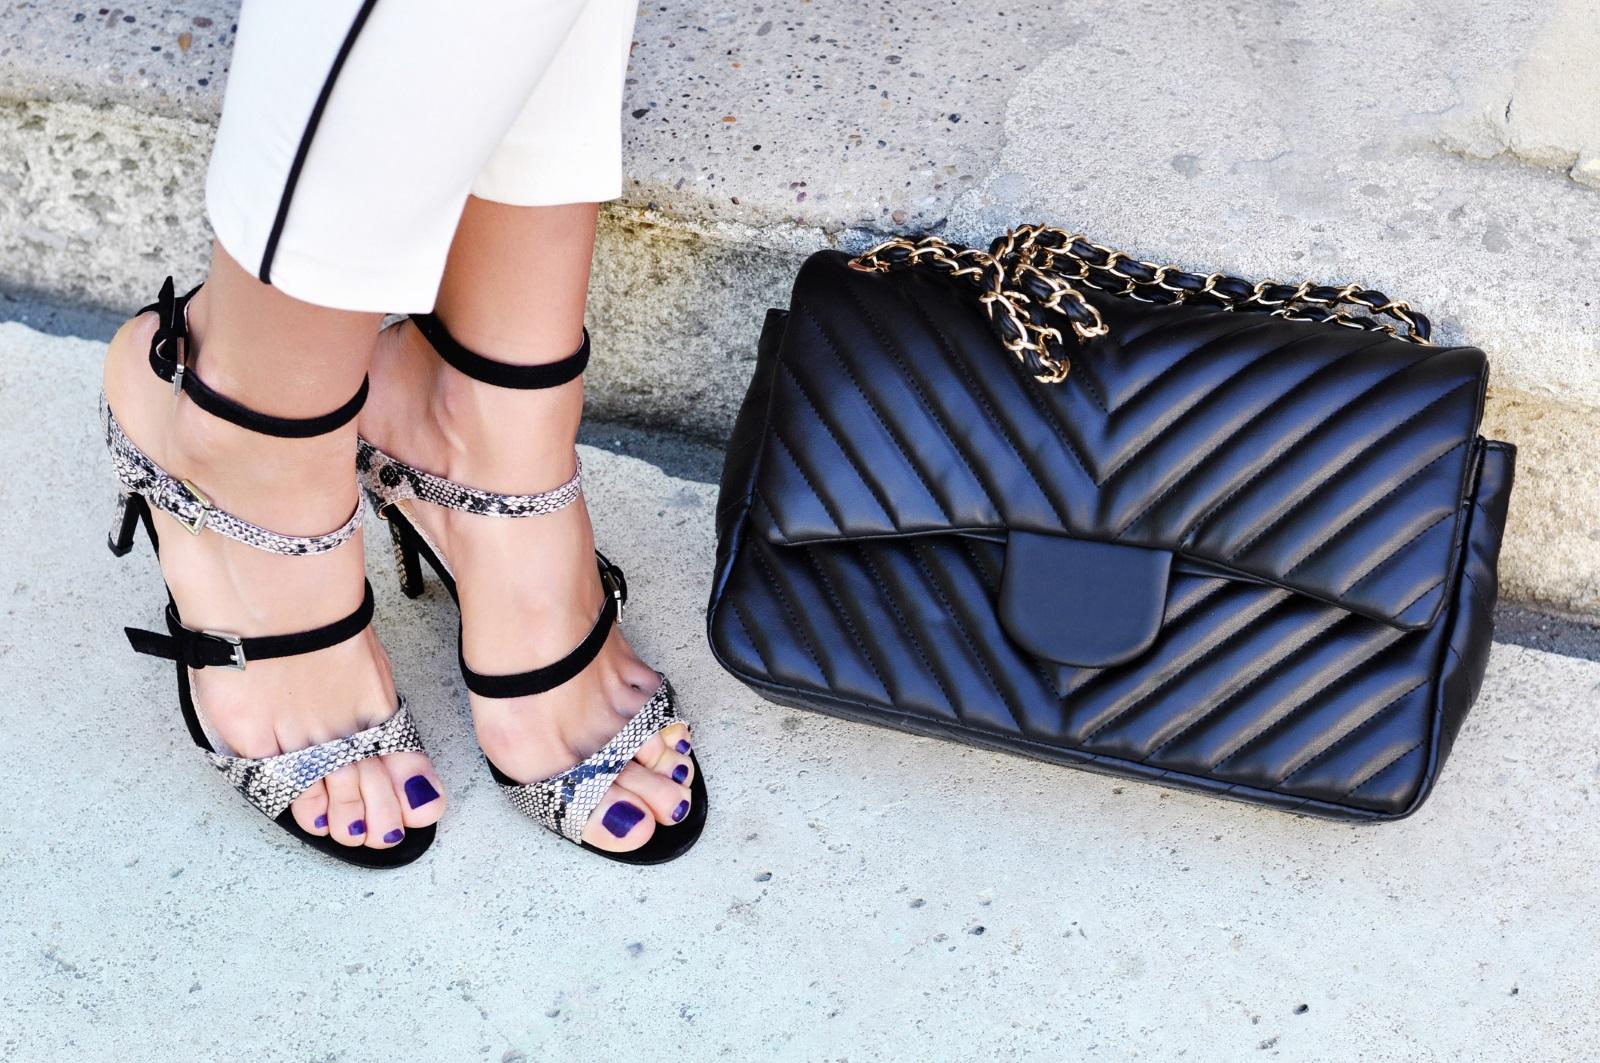 Сандалите на лято 2019 се характеризират предимно с едно нещо - много изчистен дизайн откъм тънки каишки в различни подредби.Цветът е по ваше желание, токът - предимно среден към нисък.